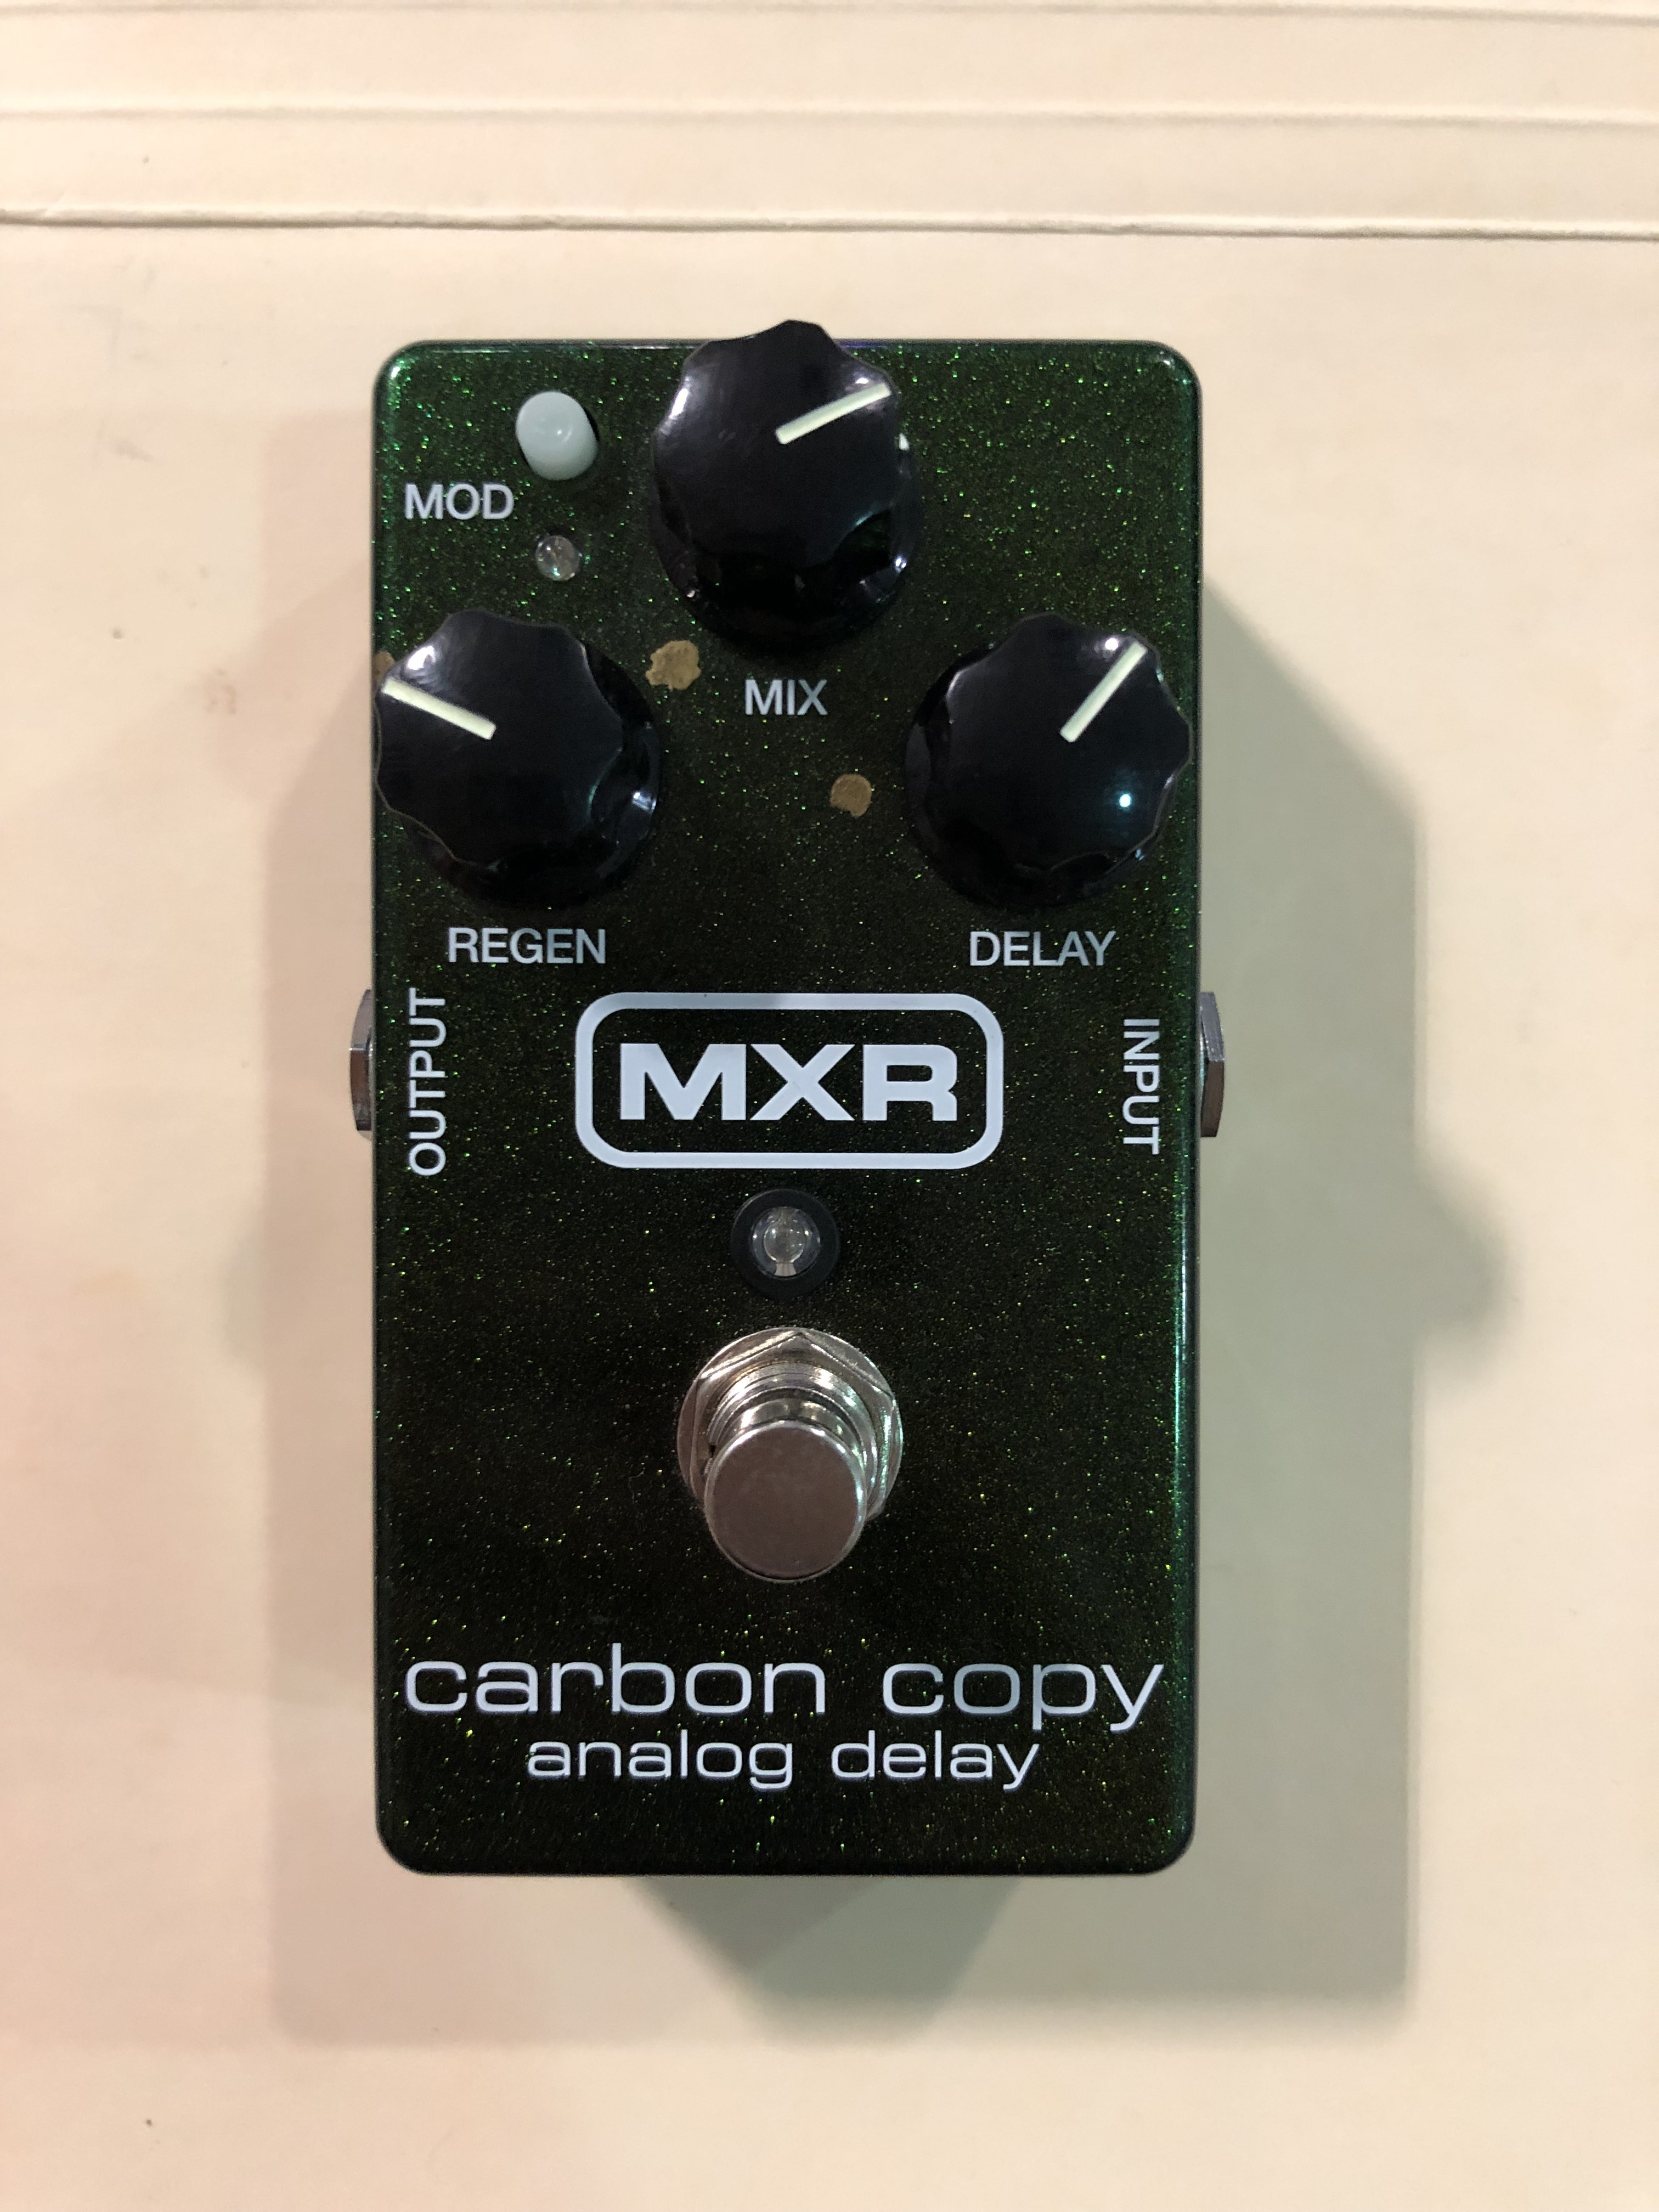 MXR - CARBON COPY - DELAY EFFECTS PEDAL